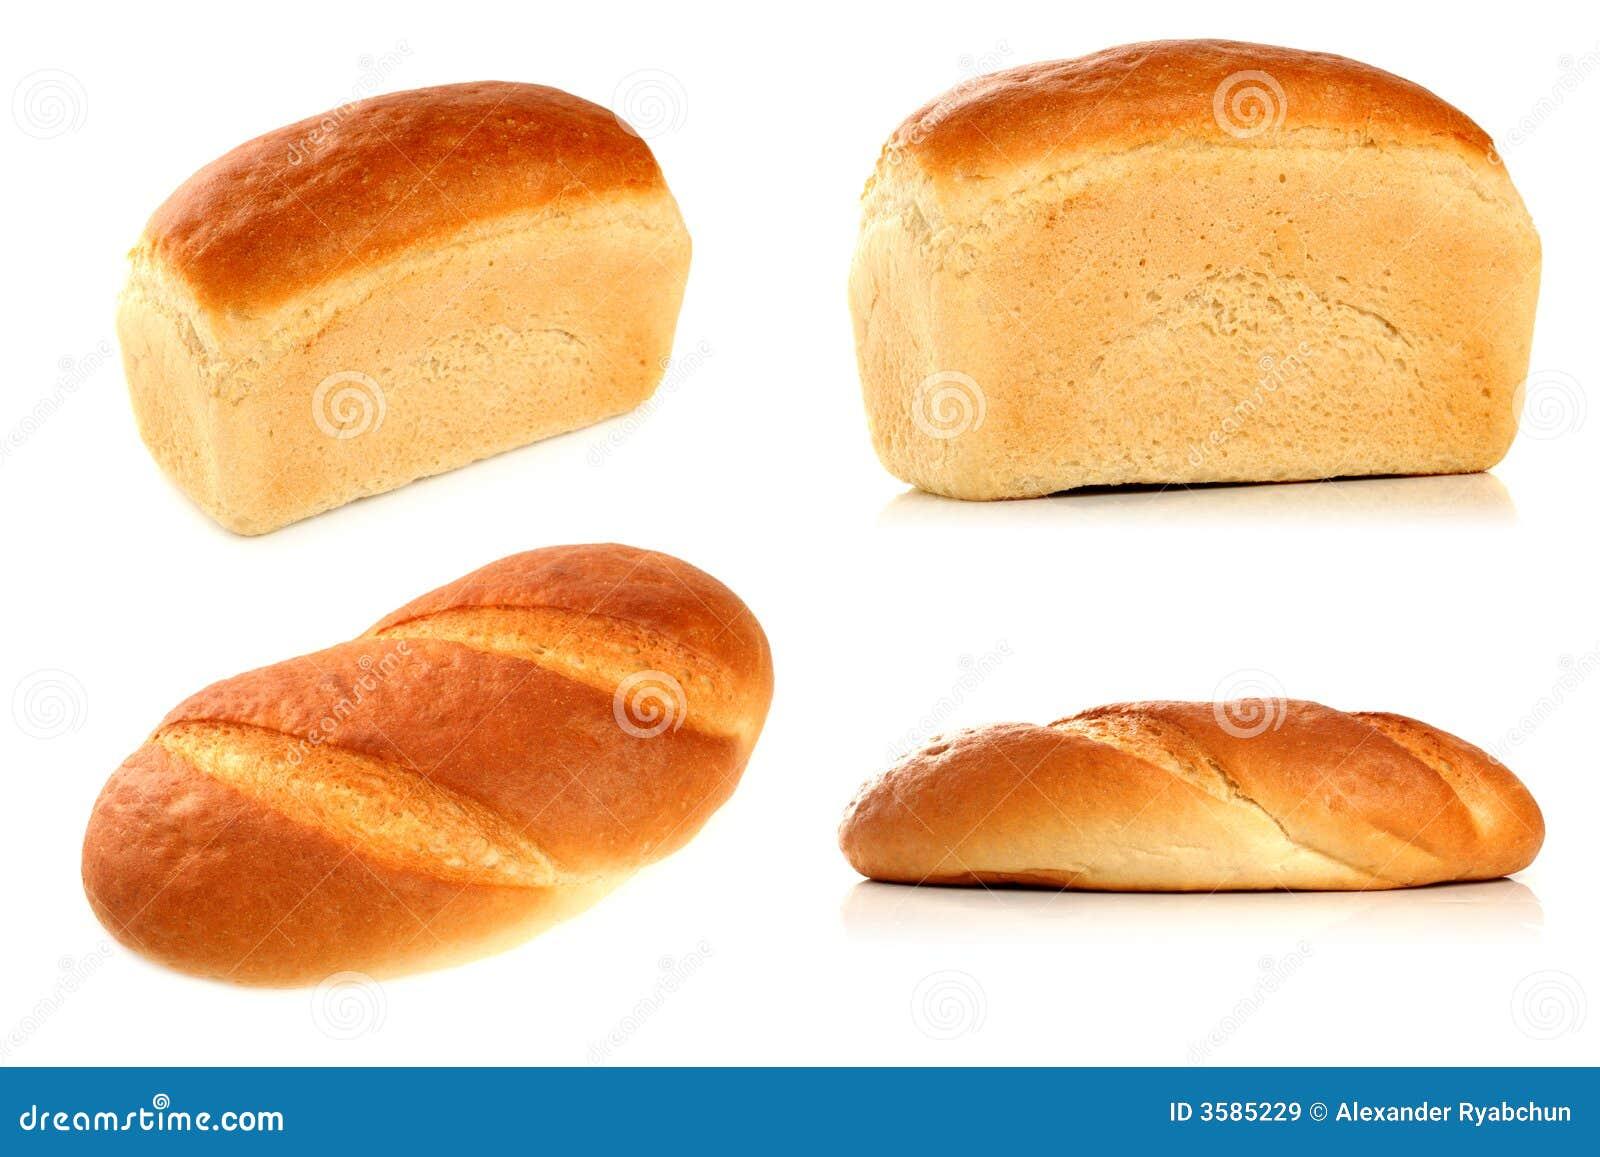 面包键入多种